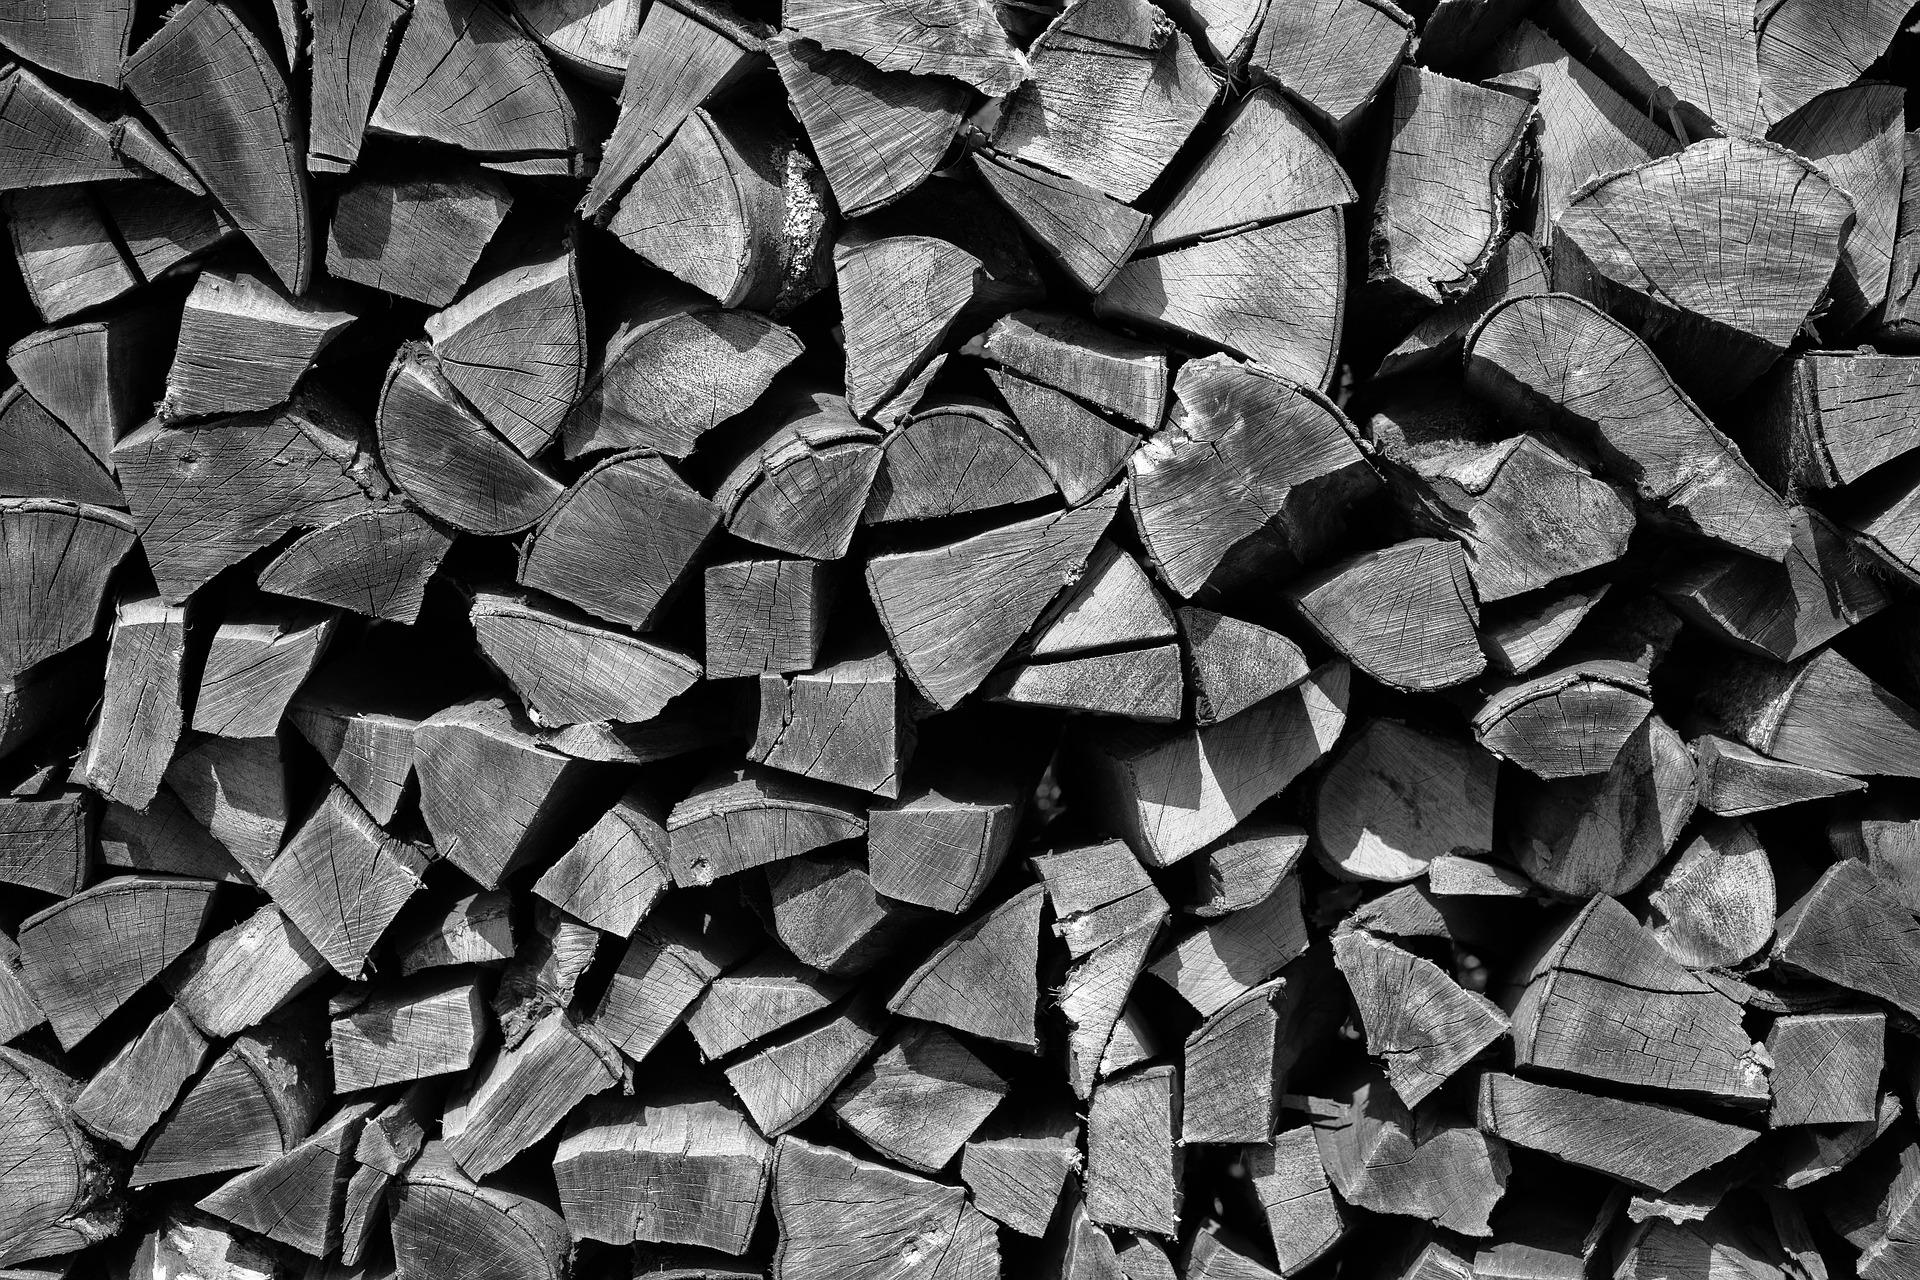 Il diritto di legnatico è il diritto di un determinato soggetto, appartenente ad una specifica comunità, di fare la legna per i bisogni propri e della propria famiglia o per uso commerciale.